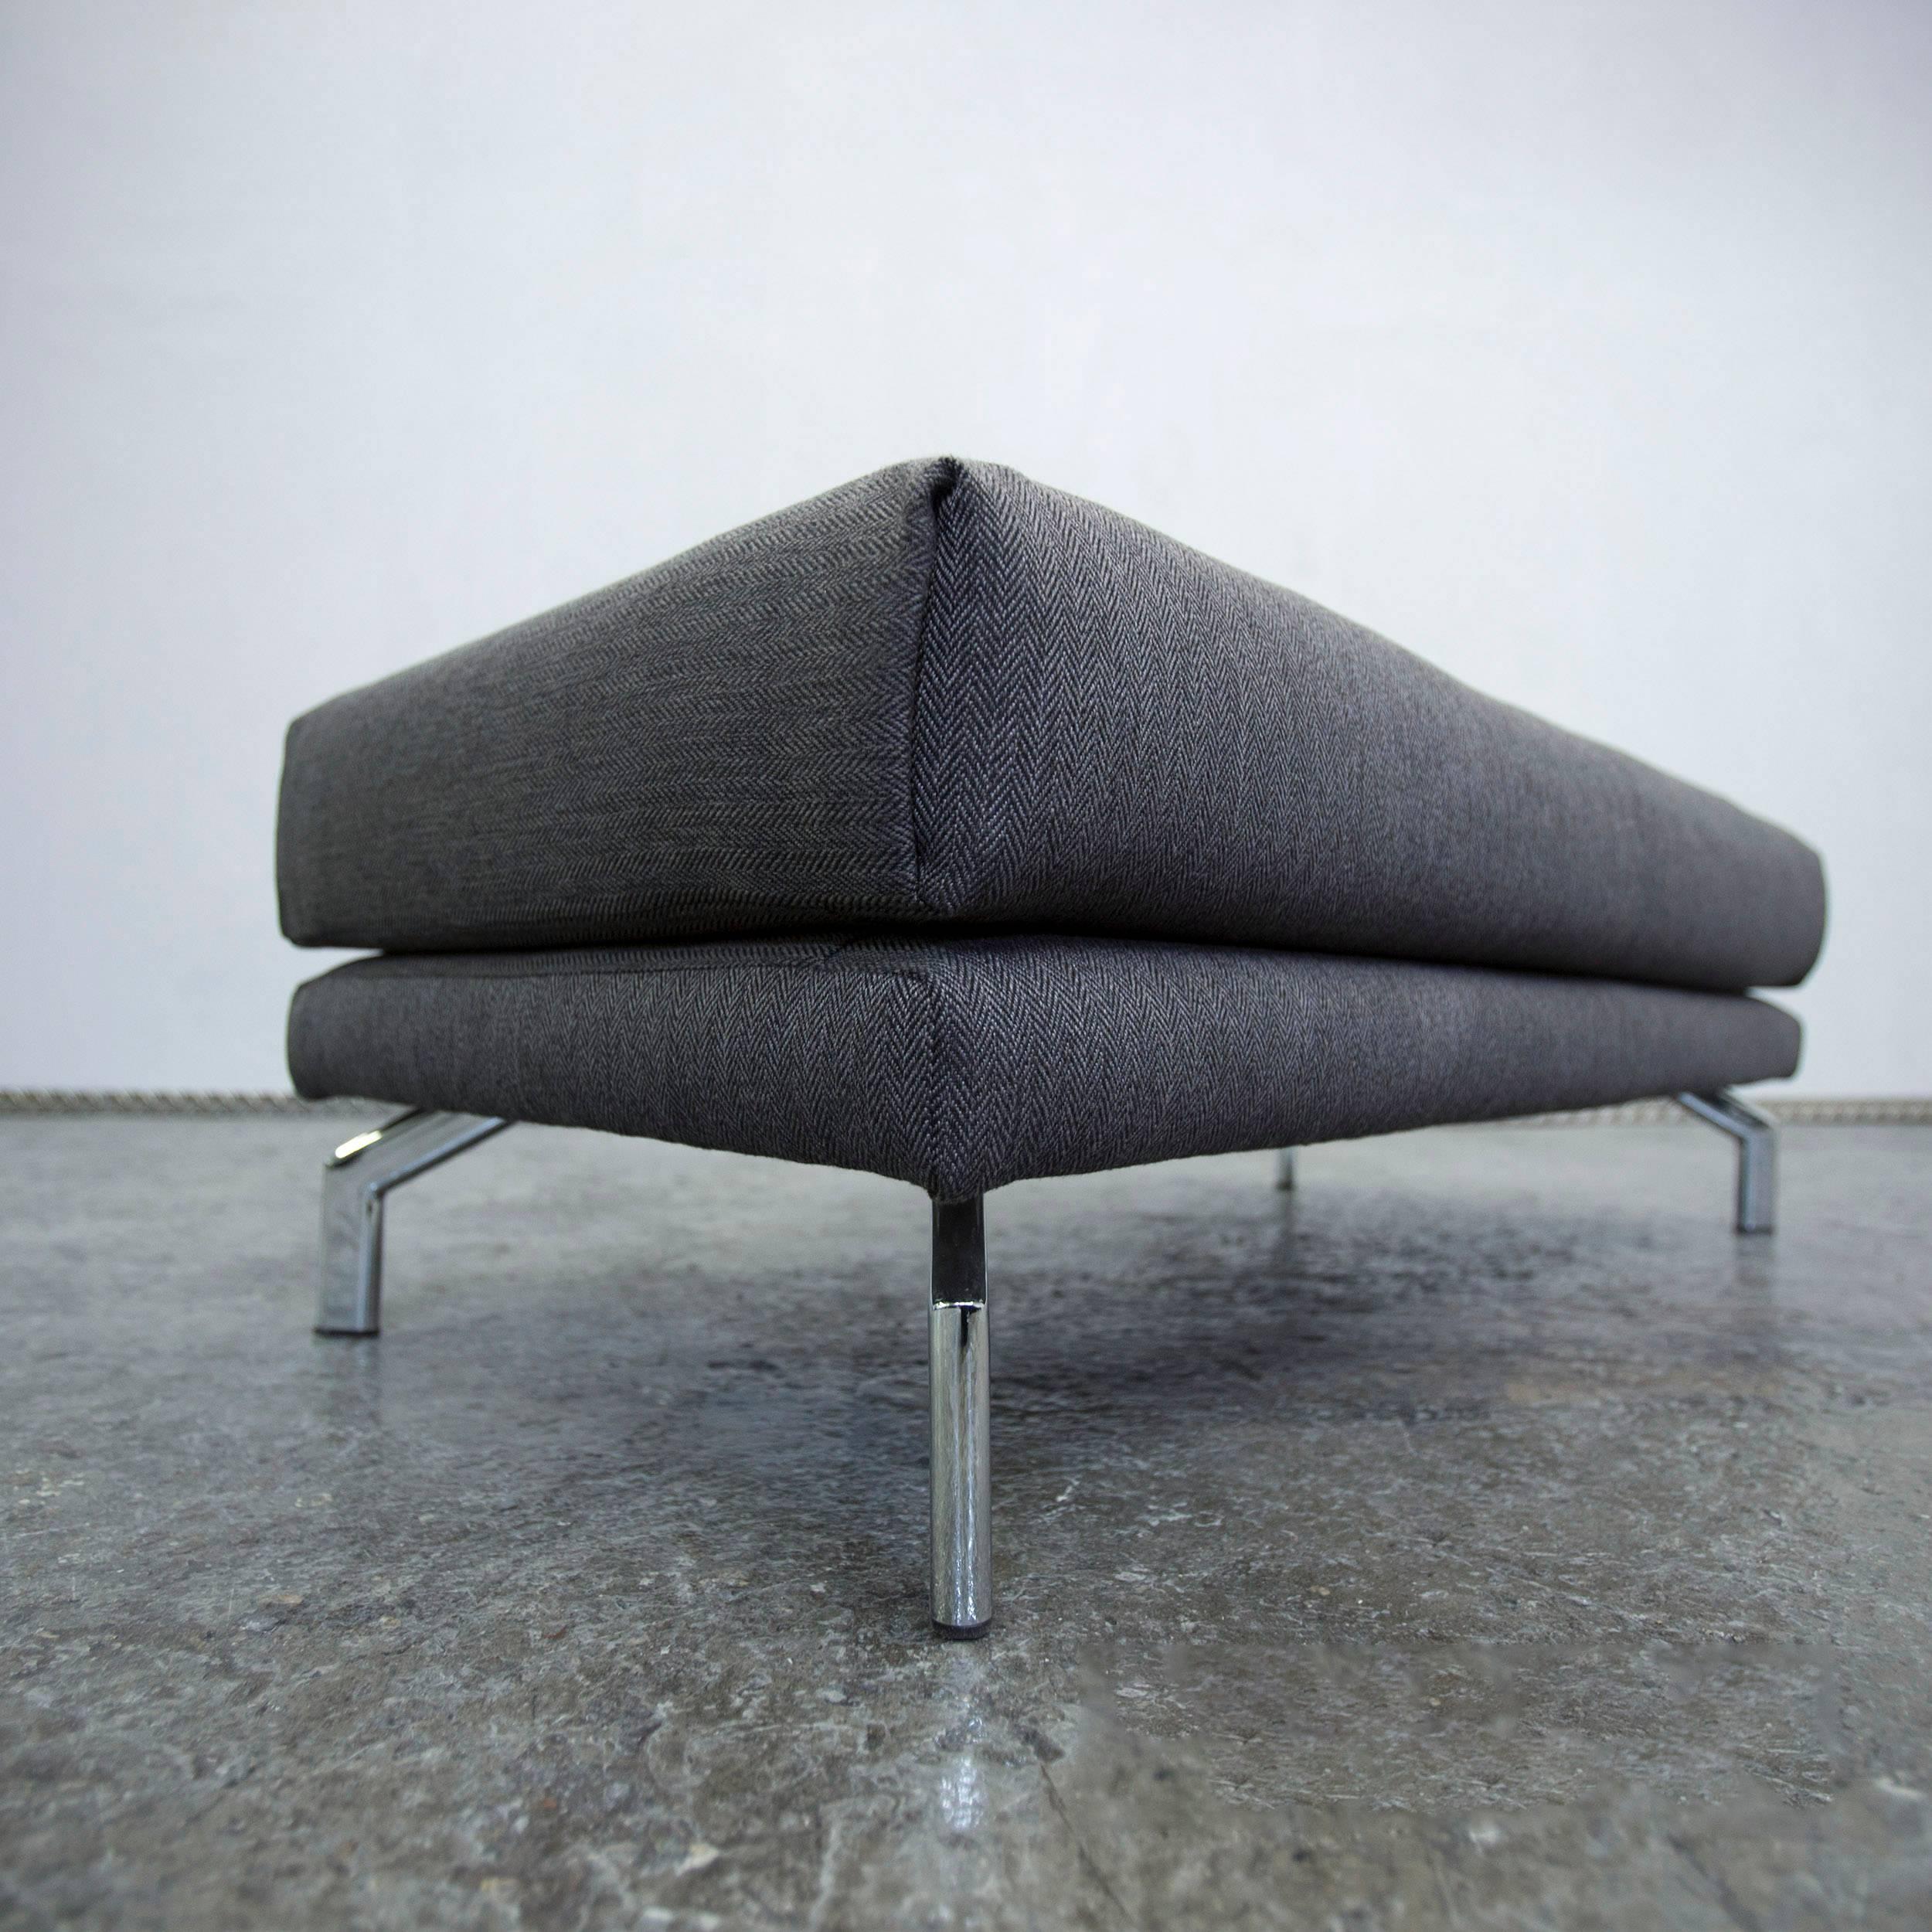 Schön Eck Wohnlandschaft Das Beste Von Loft Designer Footstool Fabric Grey Pouf Footrest